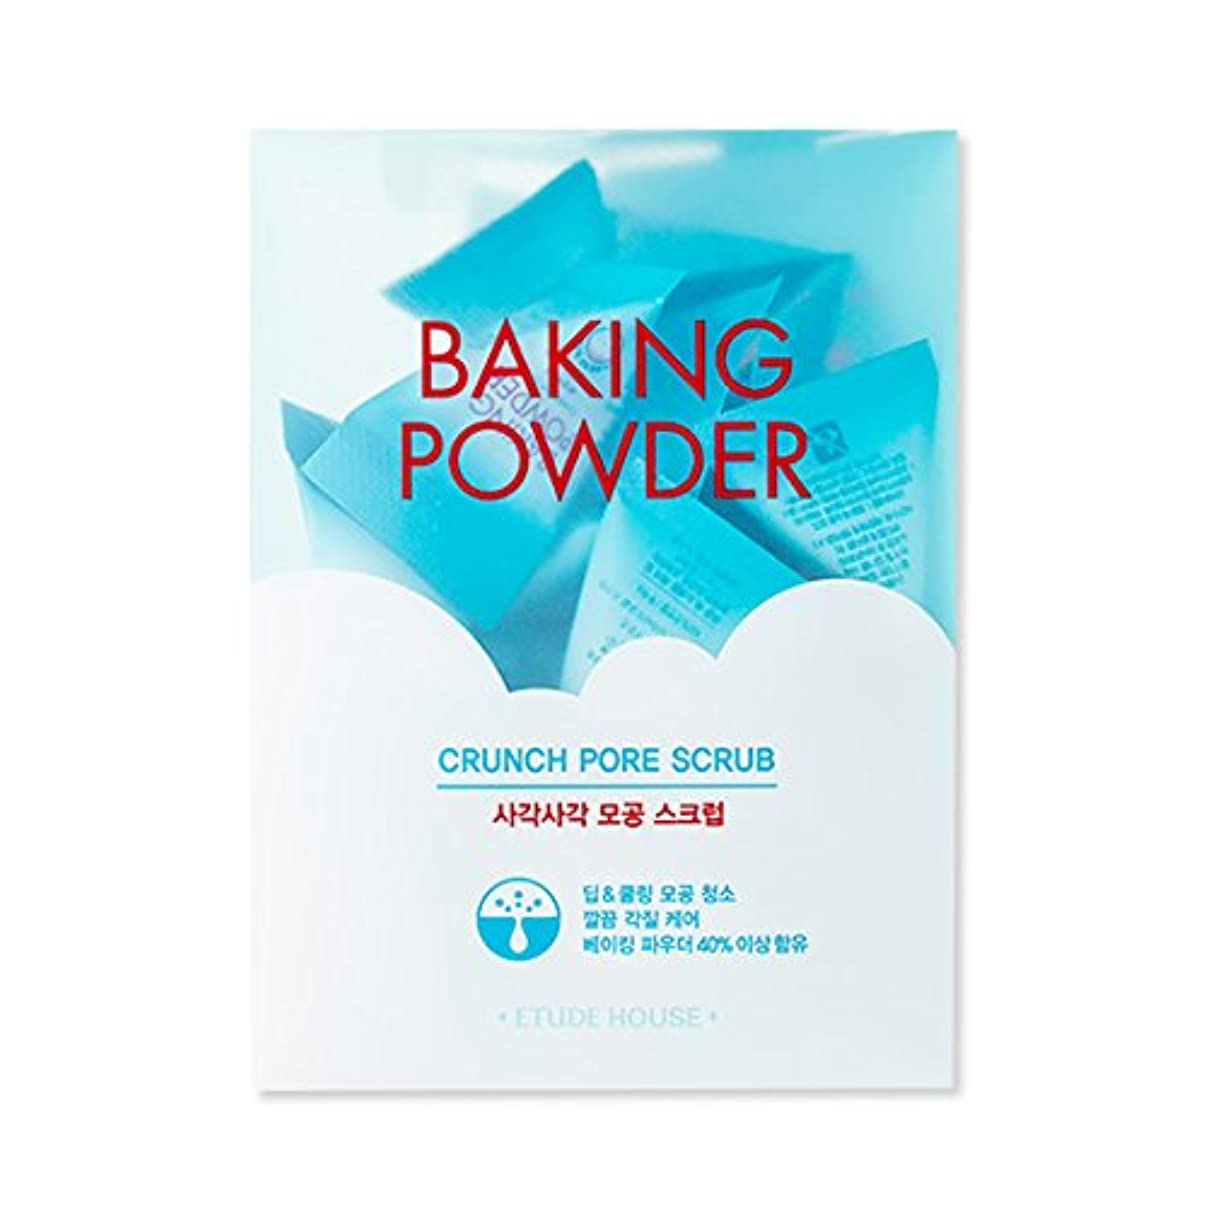 してはいけませんブロックする発表[2016 Upgrade!] ETUDE HOUSE Baking Powder Crunch Pore Scrub 7g×24ea/エチュードハウス ベーキング パウダー クランチ ポア スクラブ 7g×24ea [...